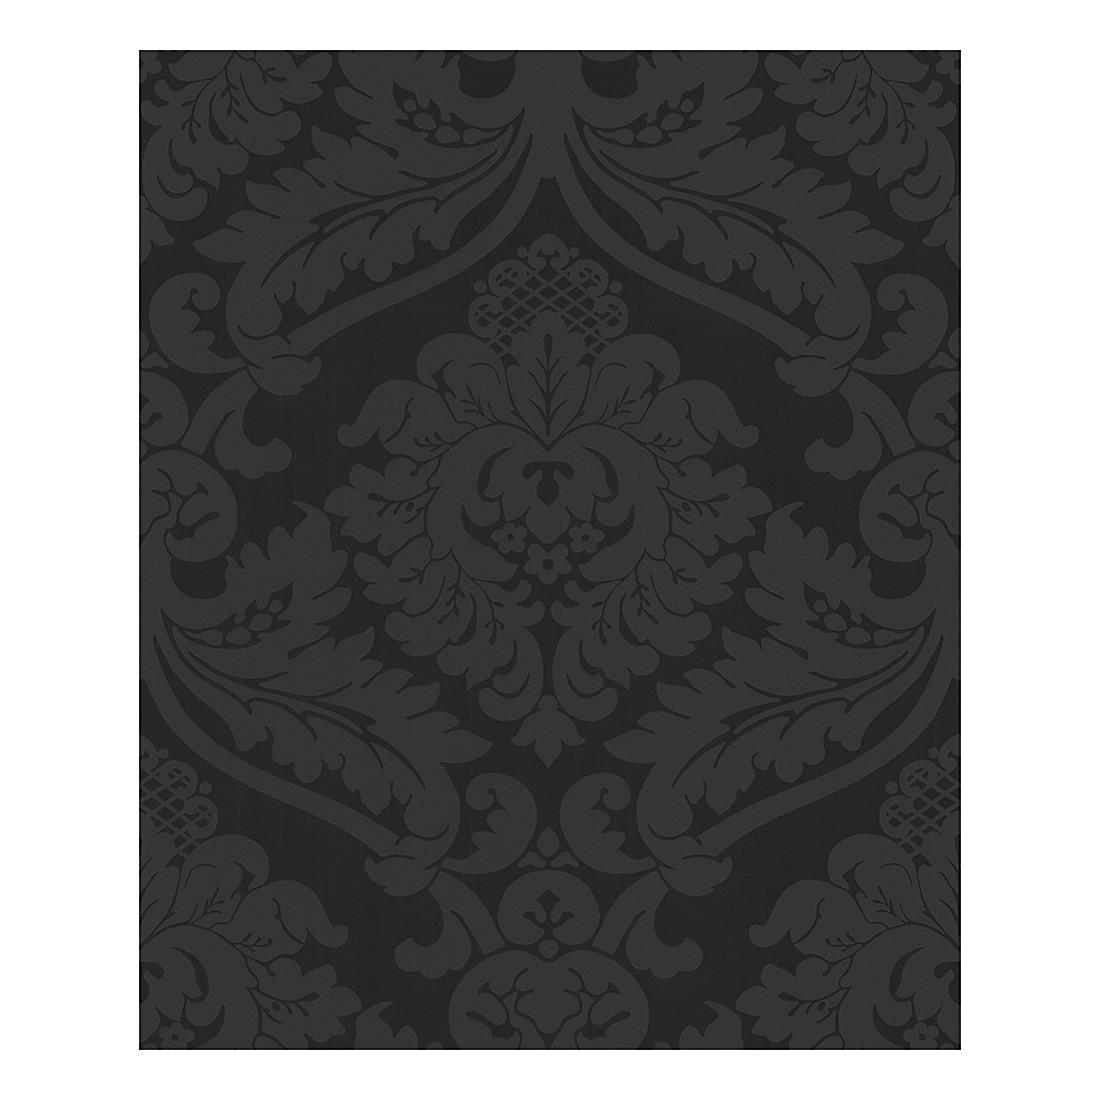 Profiltapete Modern Baroque – schwarz – strukturiert, Home24Deko jetzt bestellen